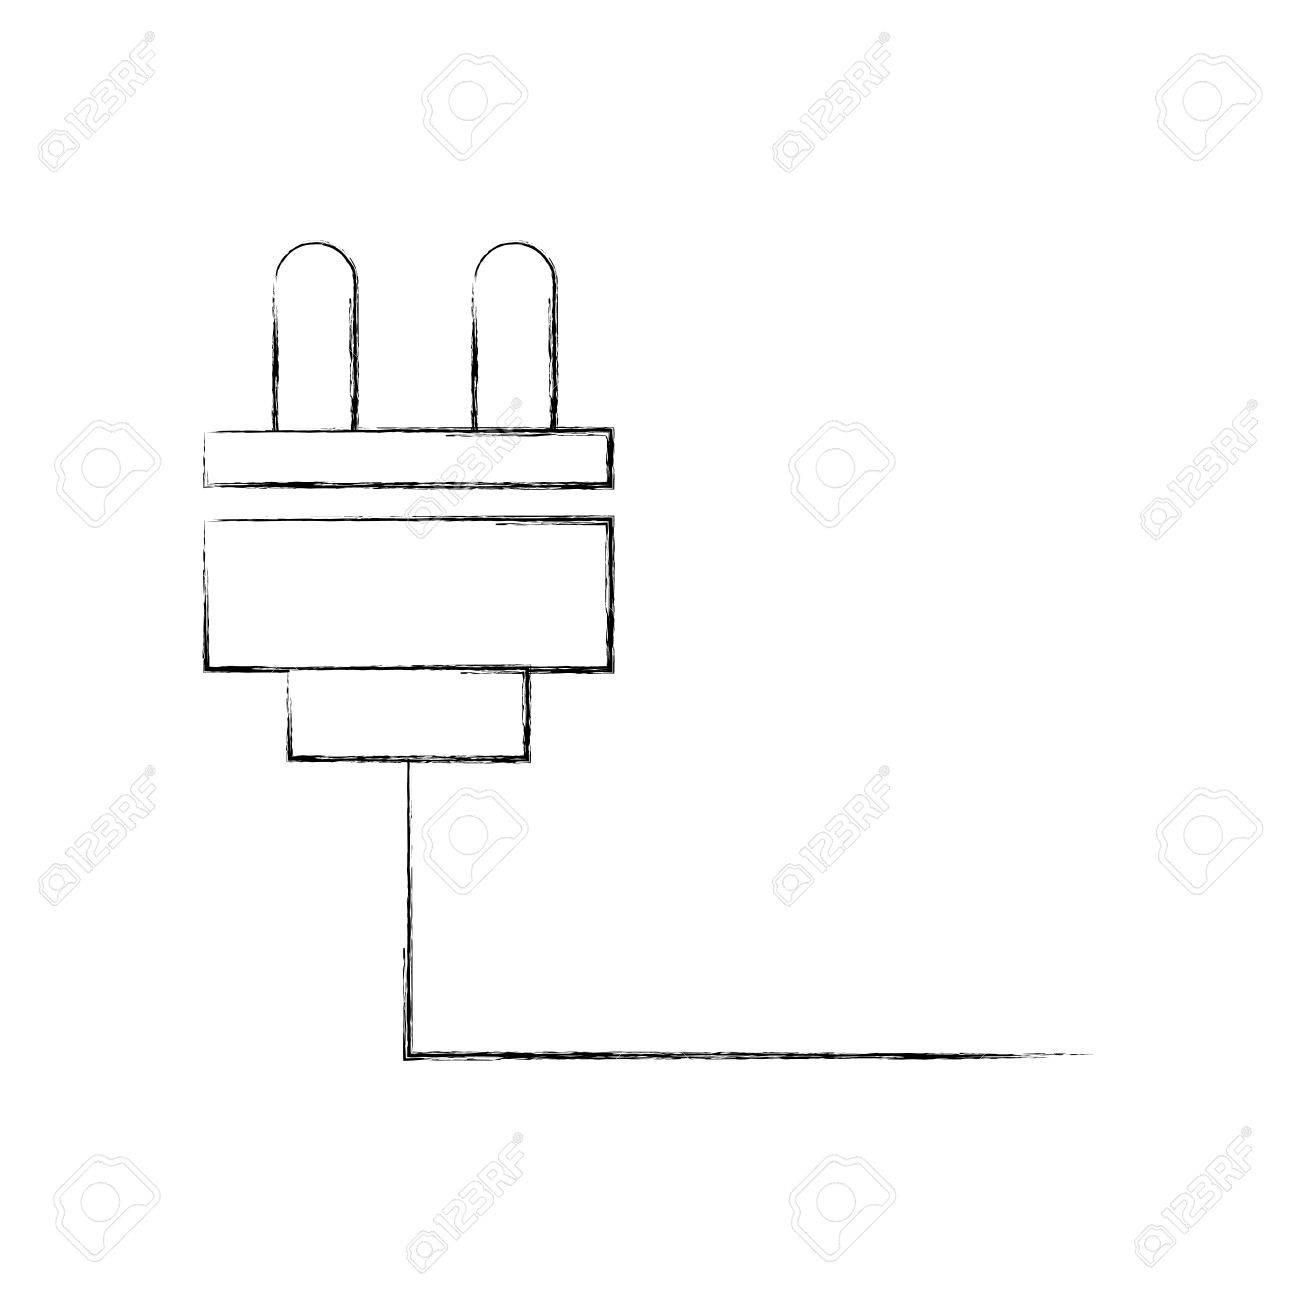 Niedlich Symbol Für Draht Galerie - Die Besten Elektrischen ...